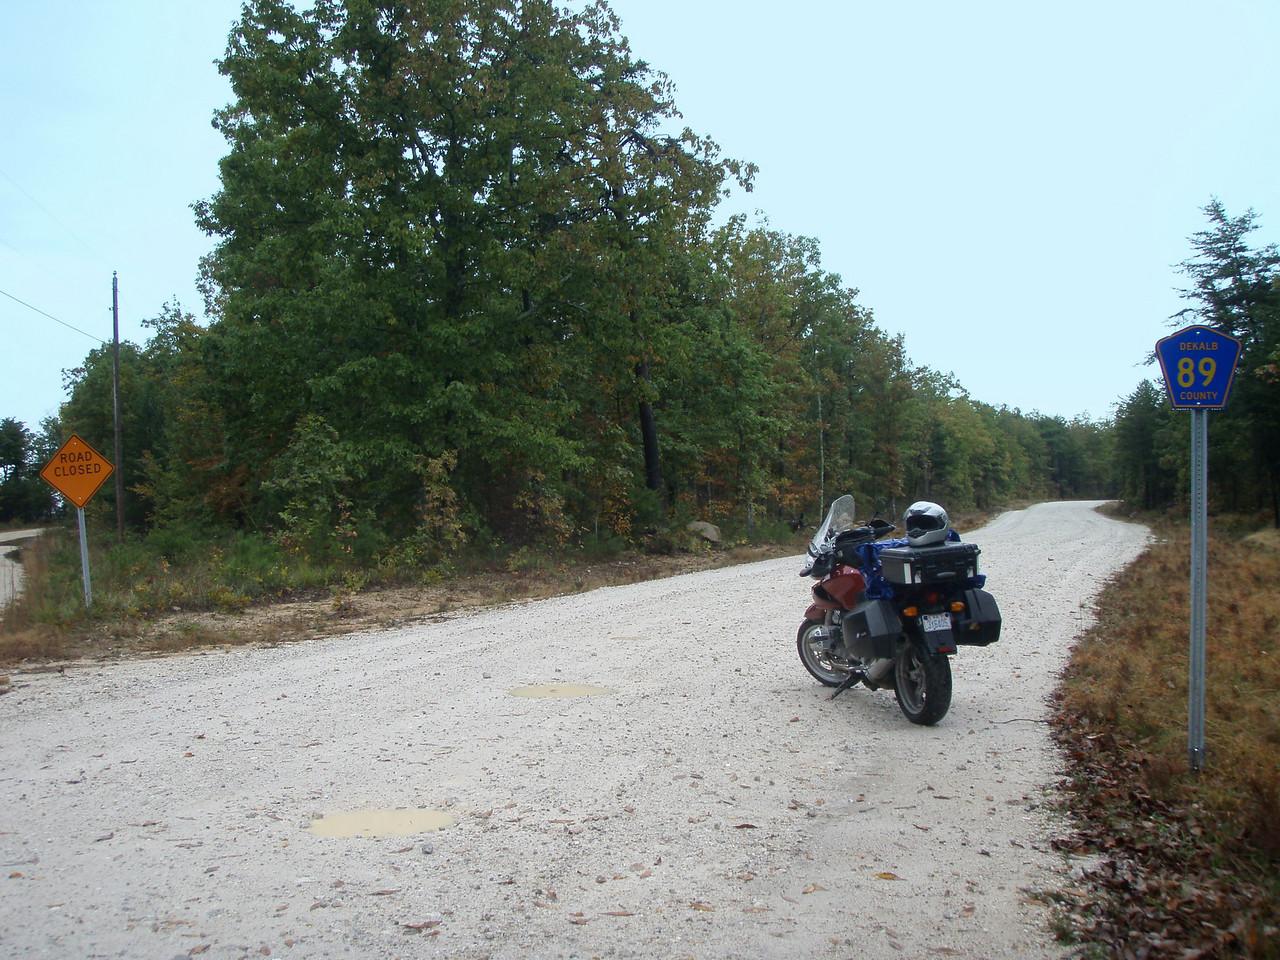 A little detour